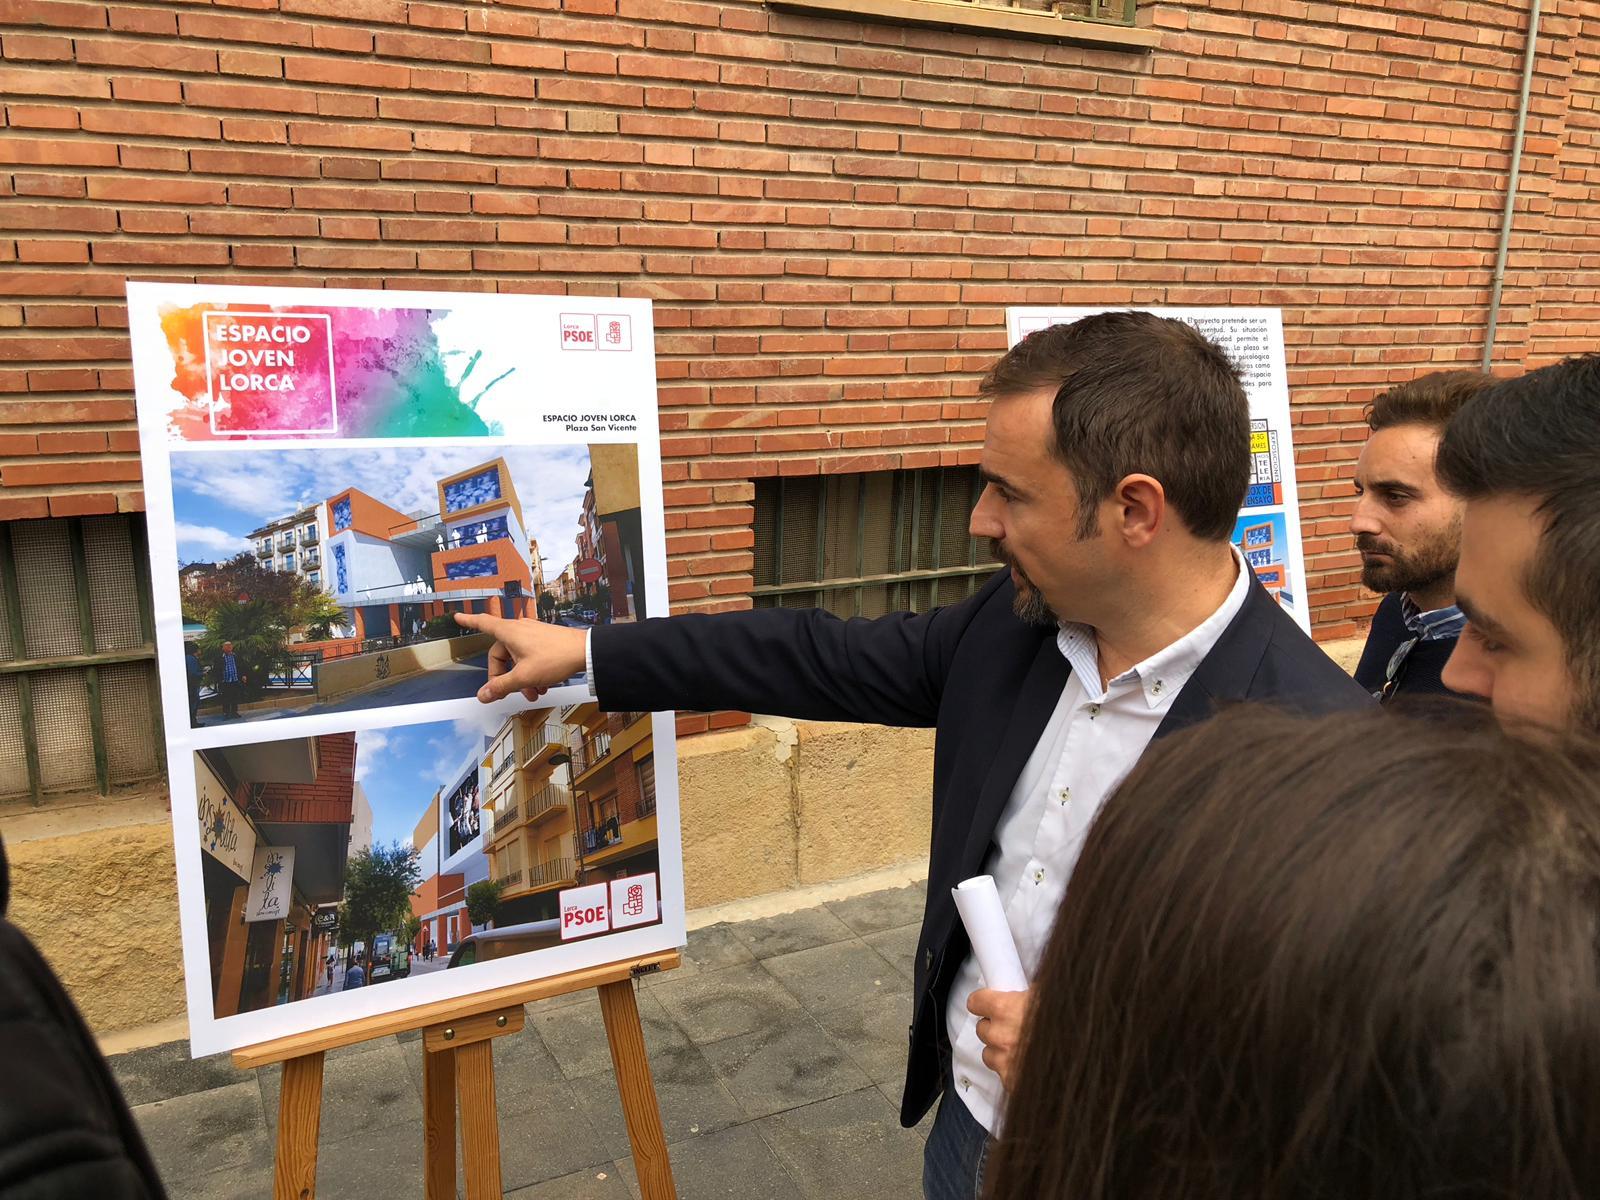 """Mateos: """"Para la revitalización del Casco Histórico, prefiero un centro de ocio abierto todo el día para nuestros jóvenes en San Vicente antes que una oficina que cierra por las tardes"""""""